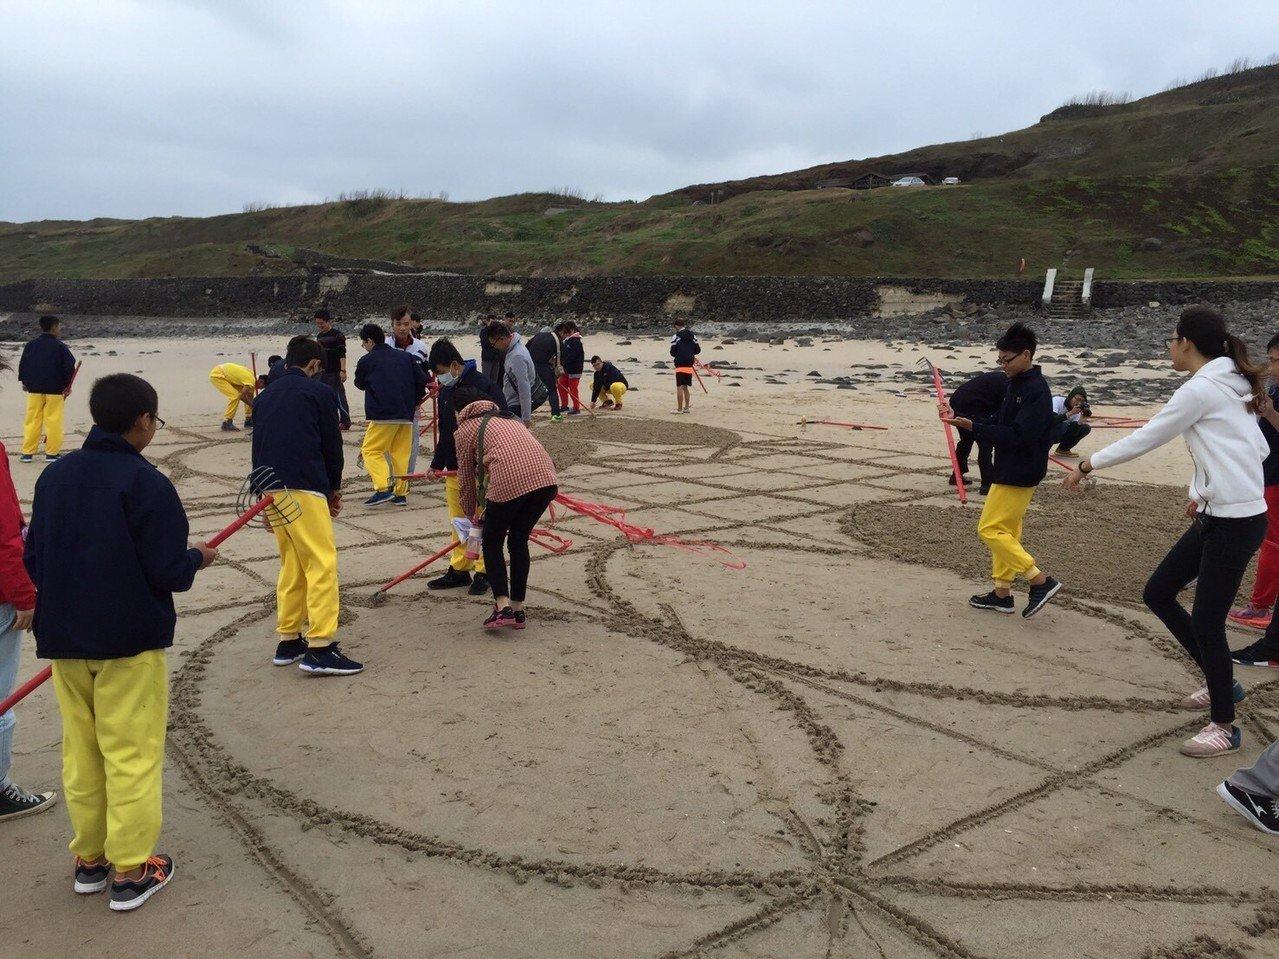 澎湖澎南國中學生自己畫草圖,運用數學中的尺規作圖、垂線原理製作巨型沙畫。圖/澎南國中藝術科教師王姿翔提供